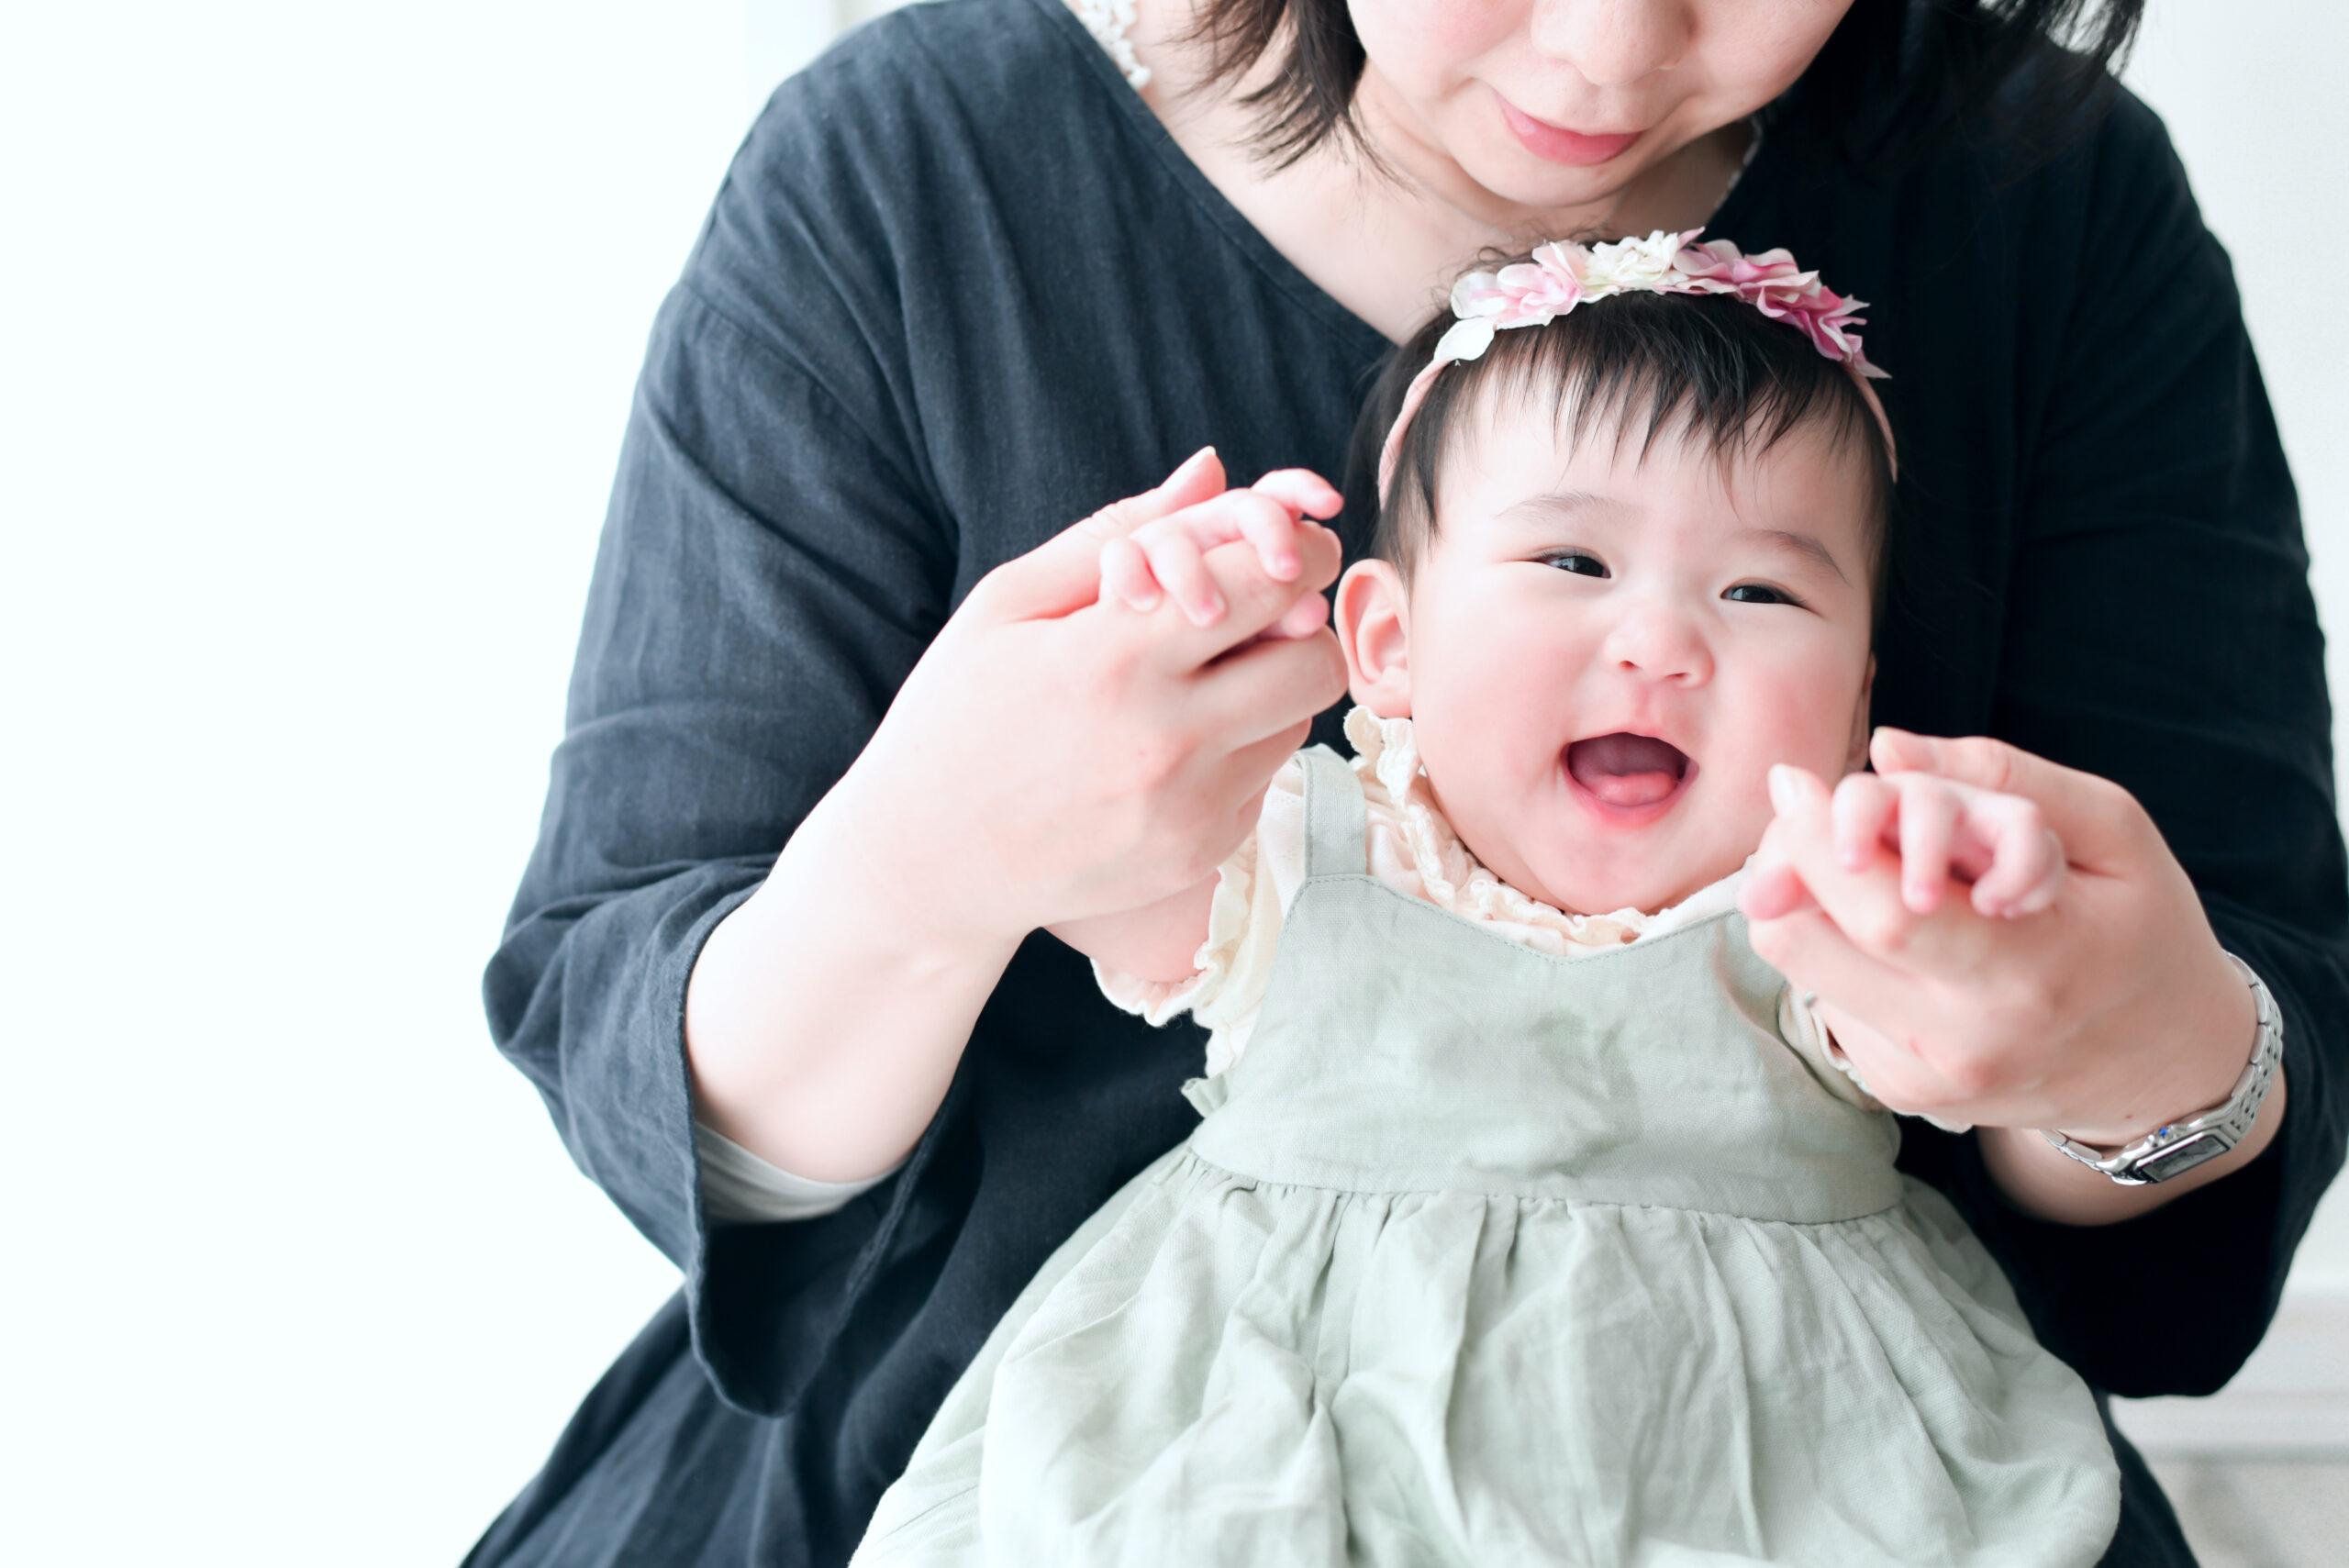 生後6ヶ月 赤ちゃん 女の子 ママのお膝に抱っこ ママとお手々をつないで遊ぼう いないいないばぁ! とても楽しそう フォトスタジオで撮影 宇都宮写真館 フォトジェニックサクラスタジオ